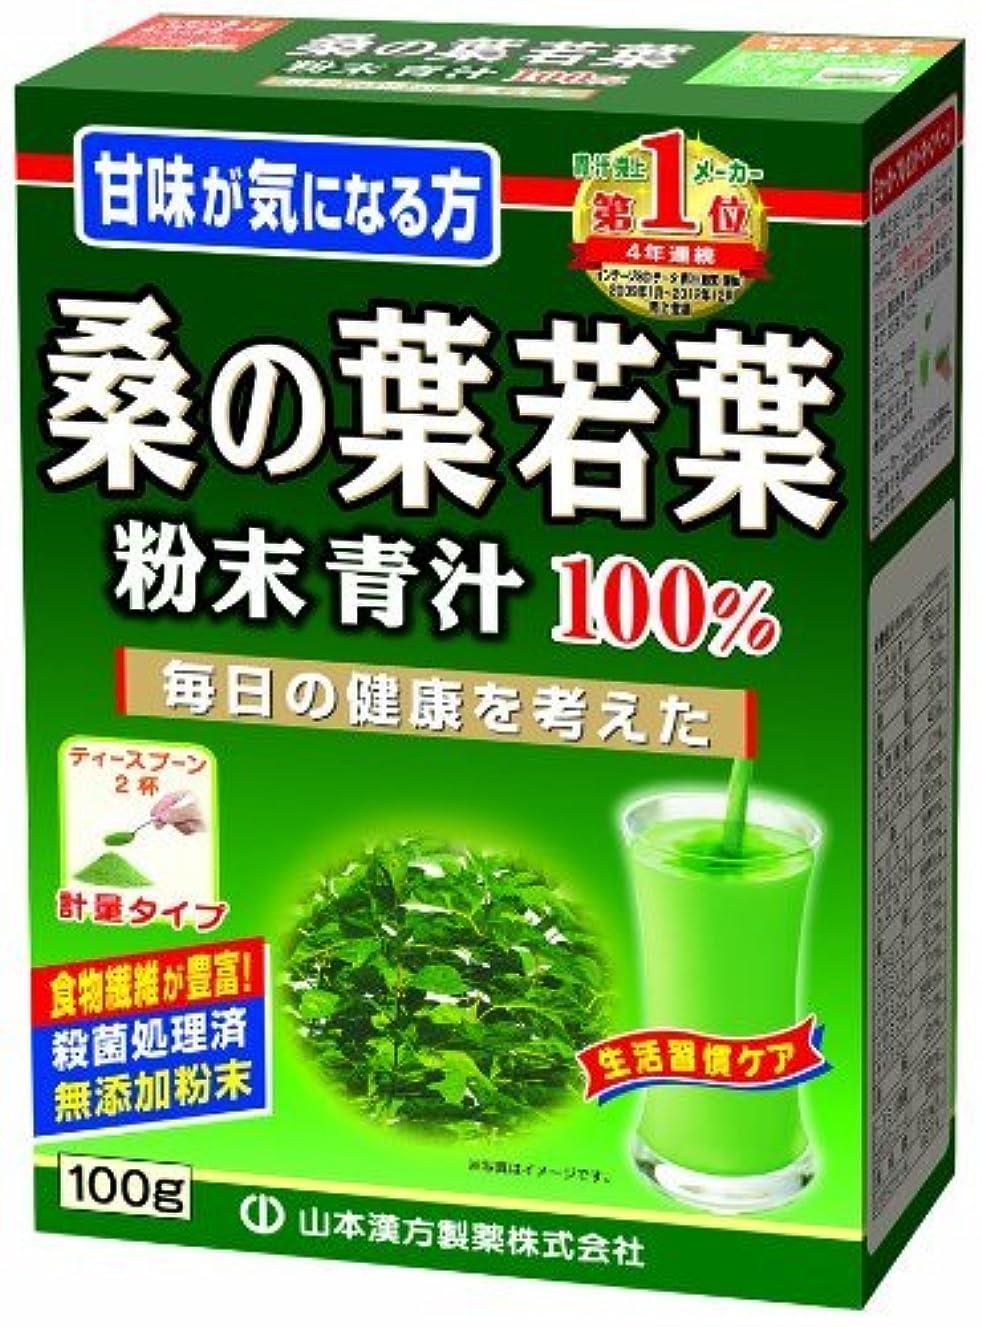 天気レッドデート五山本 桑の葉青汁粉末100% 100g×(6セット)